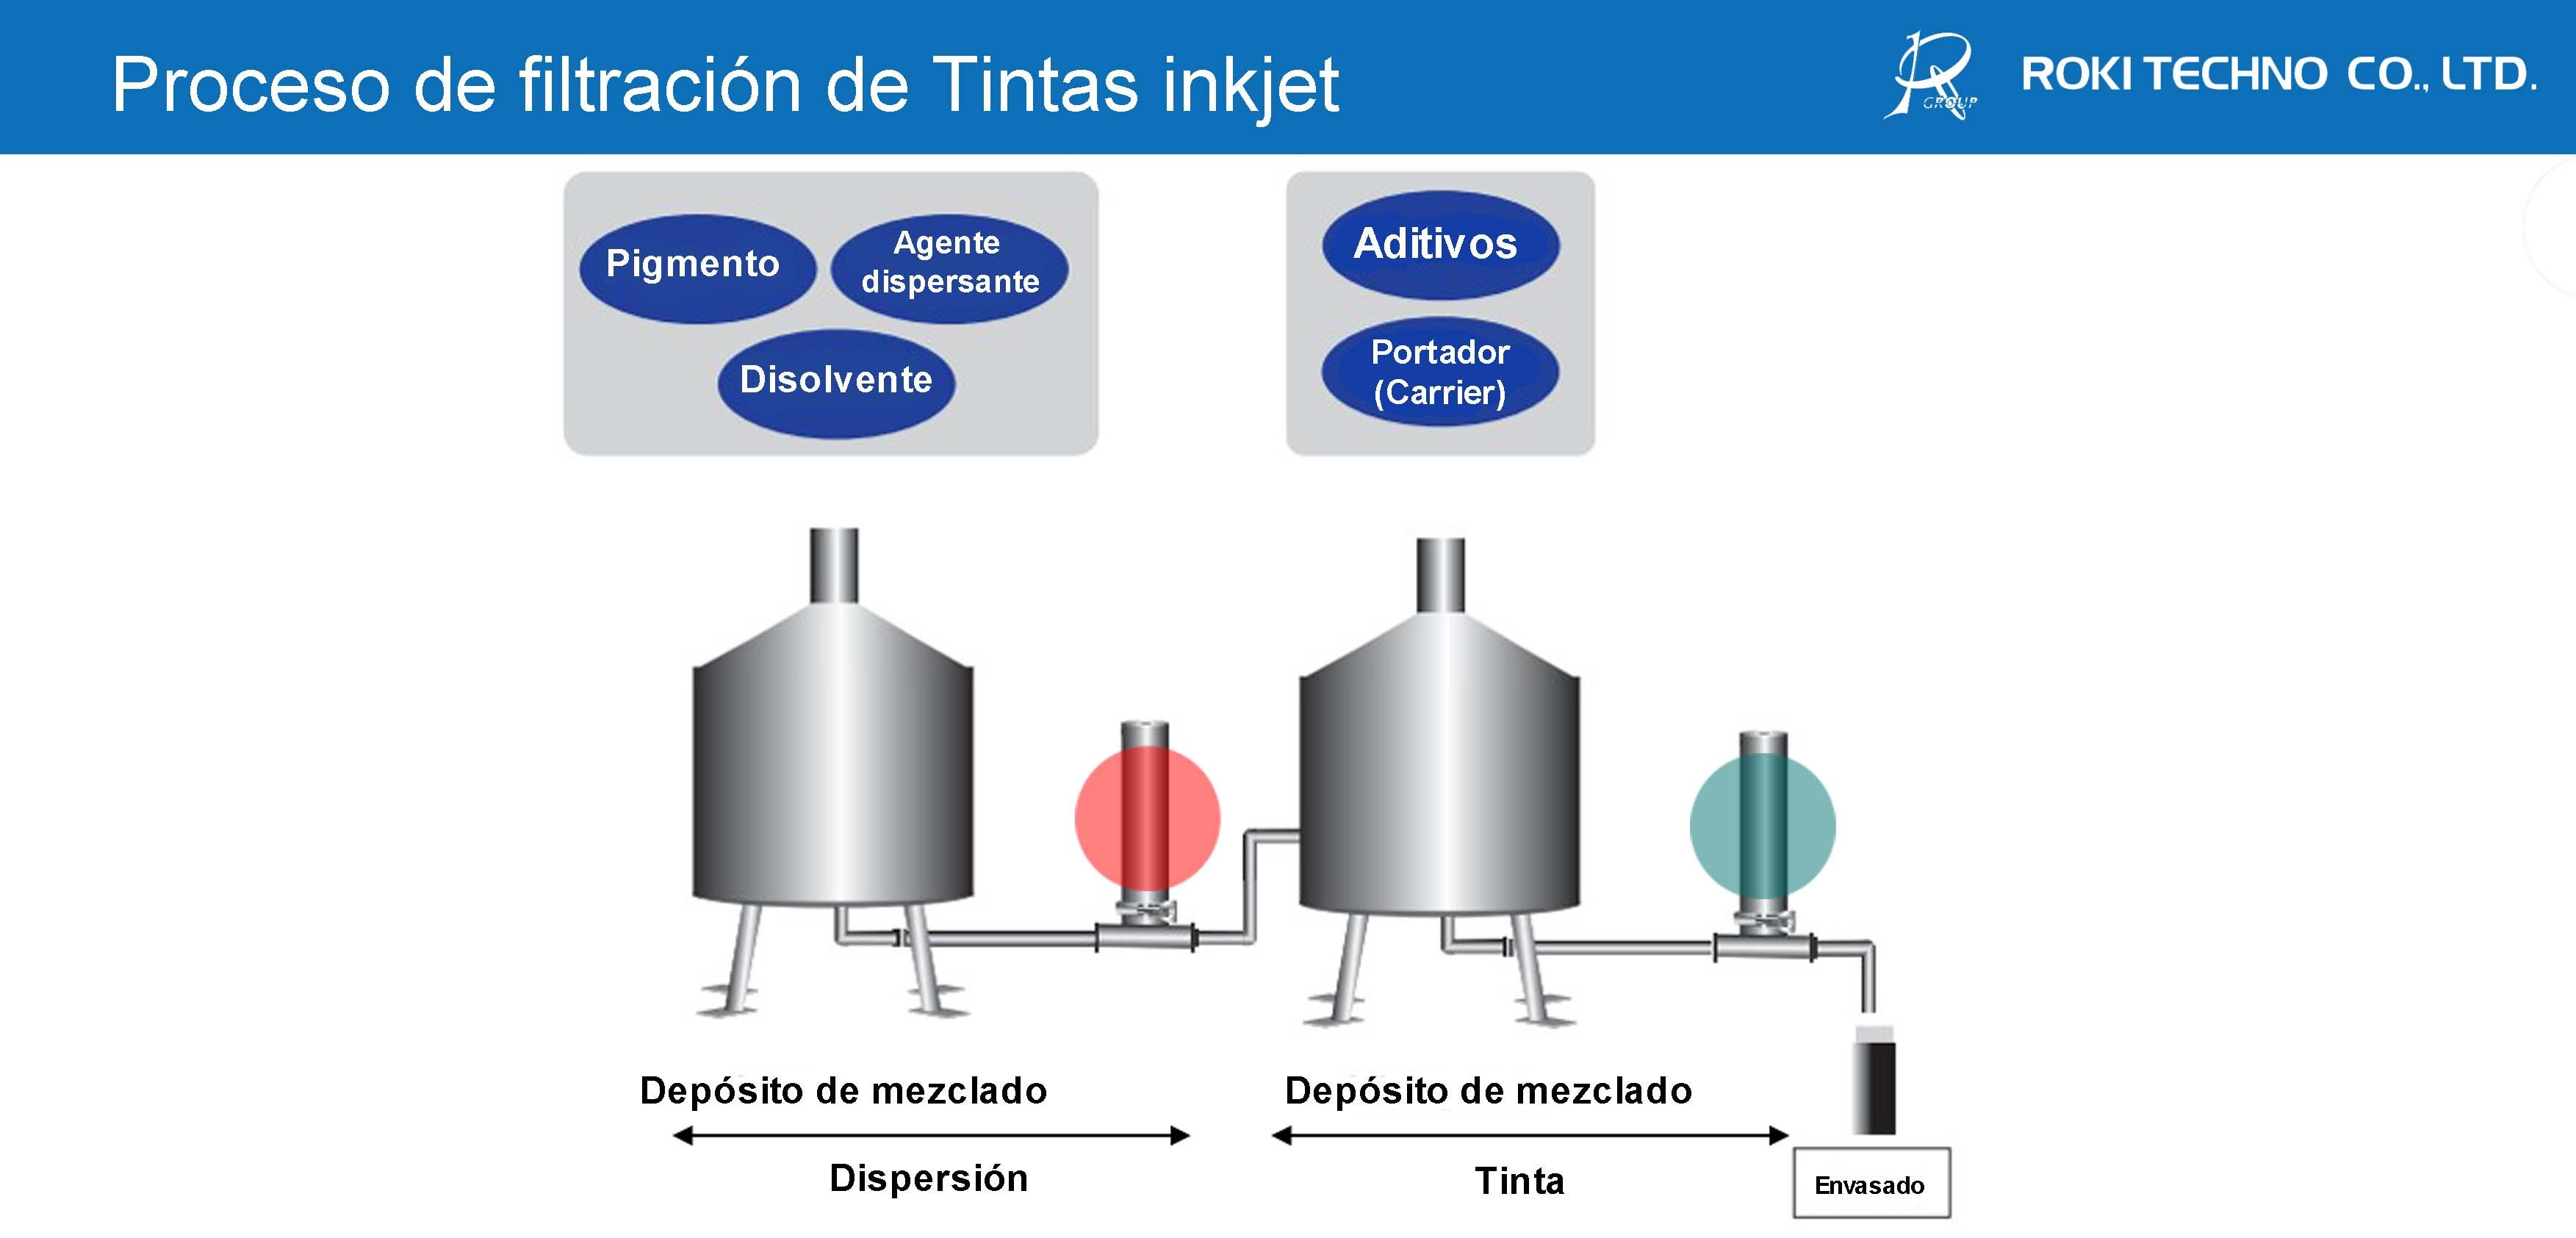 Proceso de filtración de Tintas inkjet